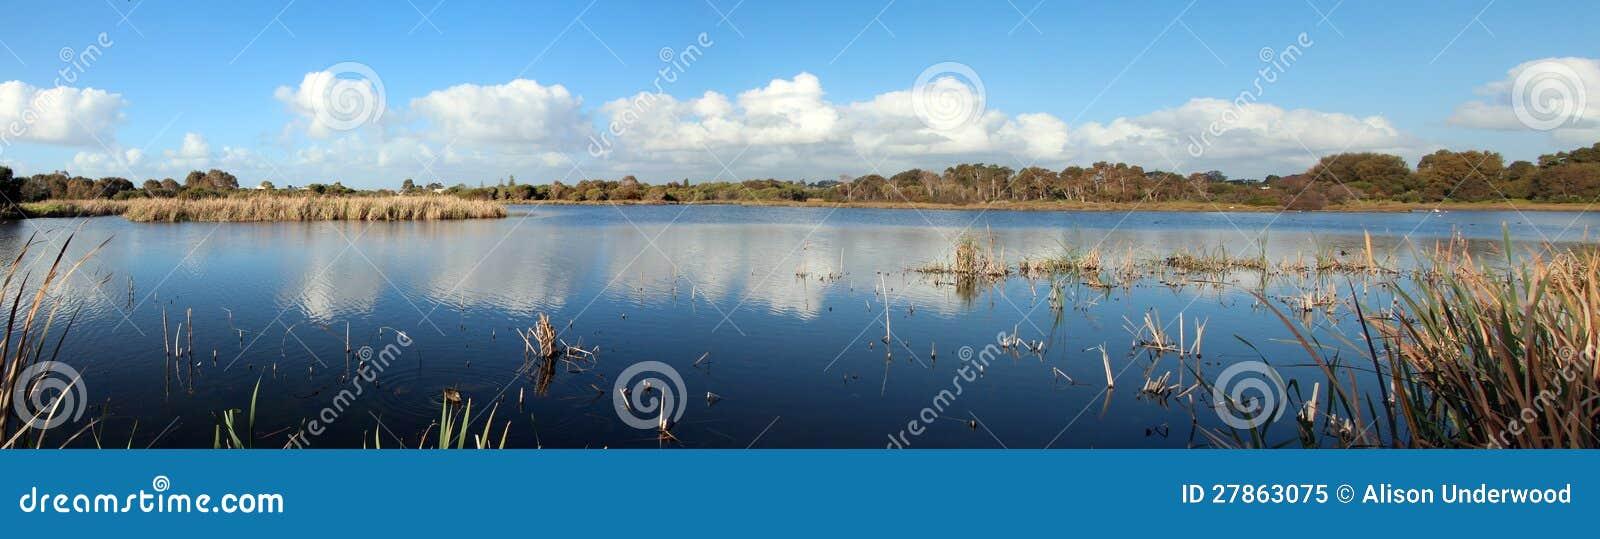 Panorama Duży Bagno Bunbury Zachodni Australia